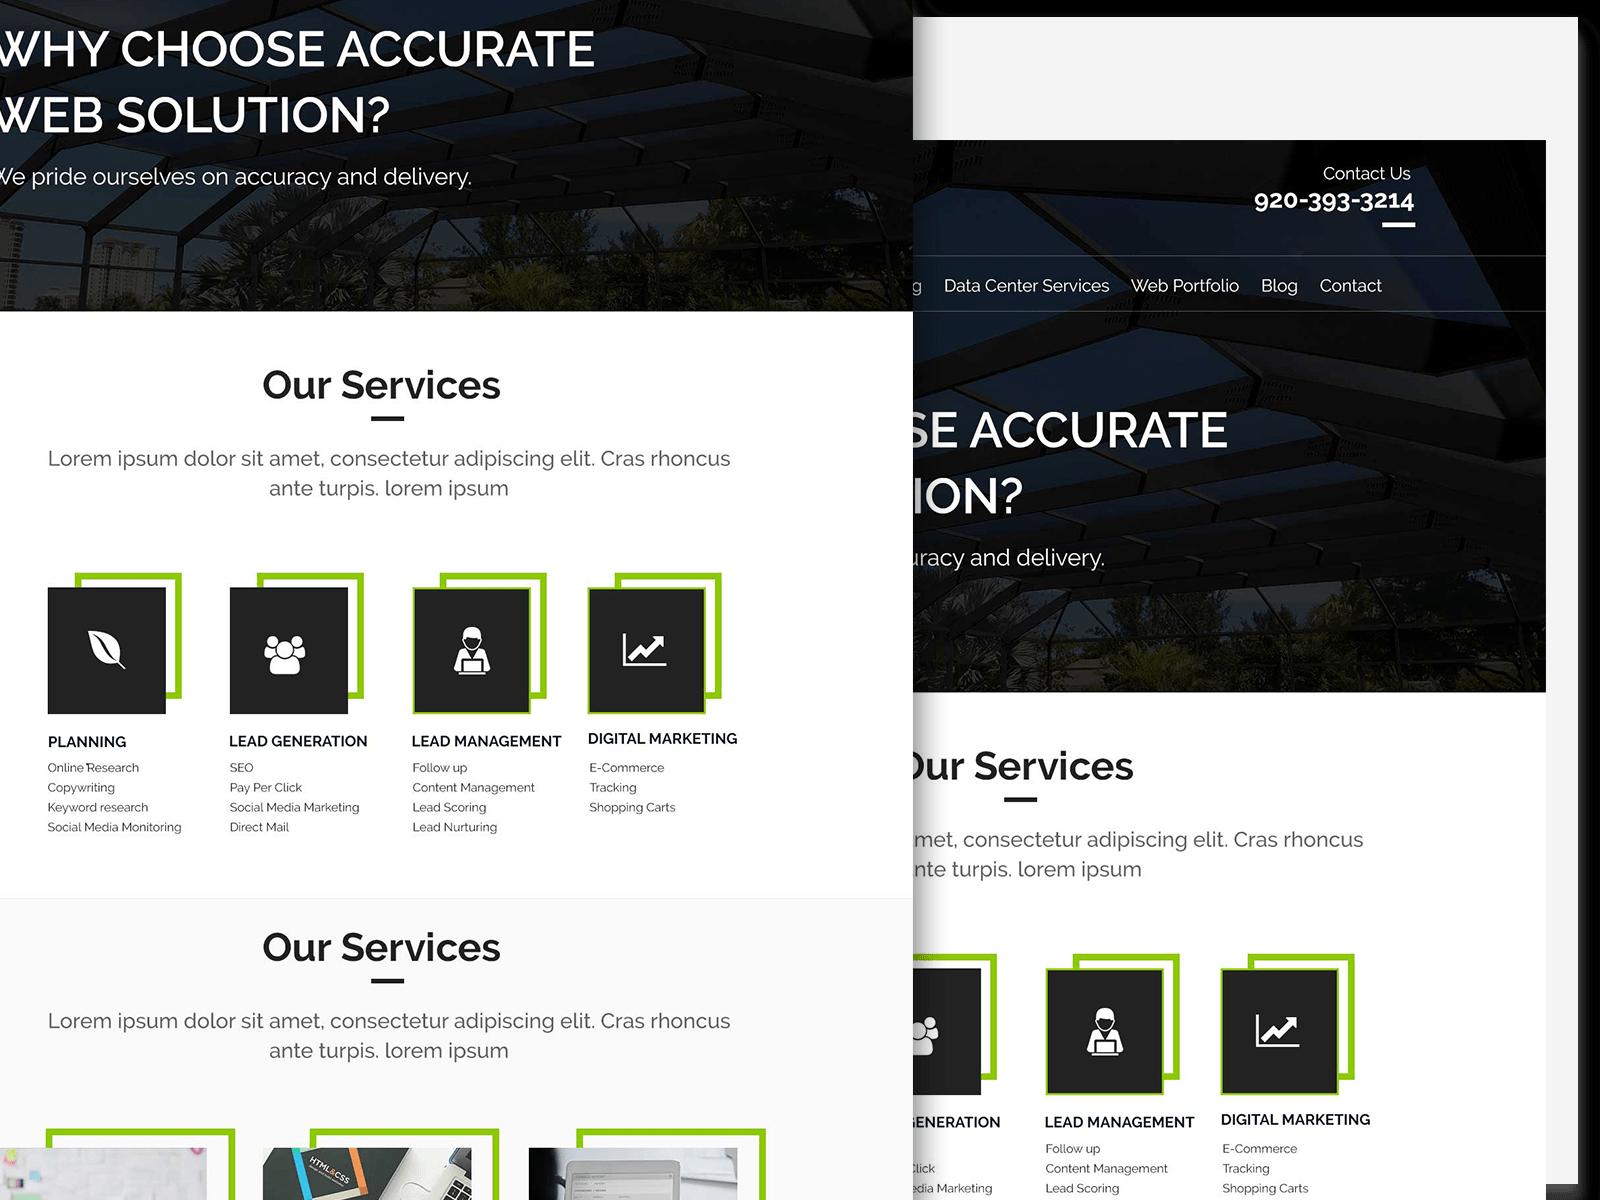 Website Mockup Template Website Design Website Mockup Website Mockup Design Psdwebsite Website Design Website Mockup Online Web Design Website Design Free